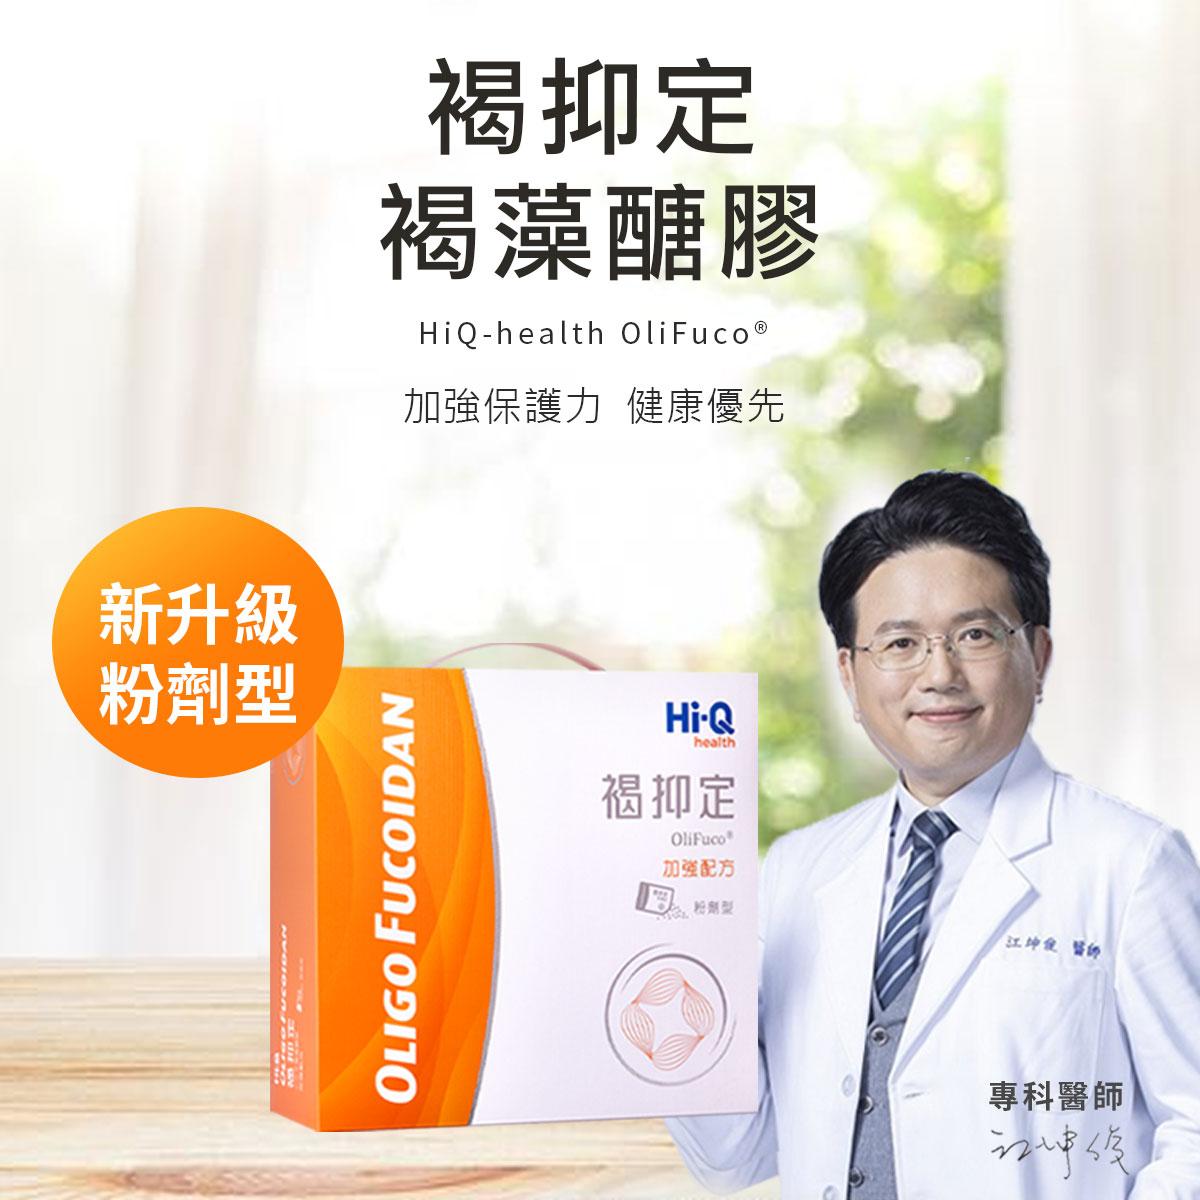 褐抑定褐藻醣膠-新升級粉劑型-江坤俊醫師推薦-有效抑制癌細胞腫瘤生長-對抗癌症-降低化放療副作用